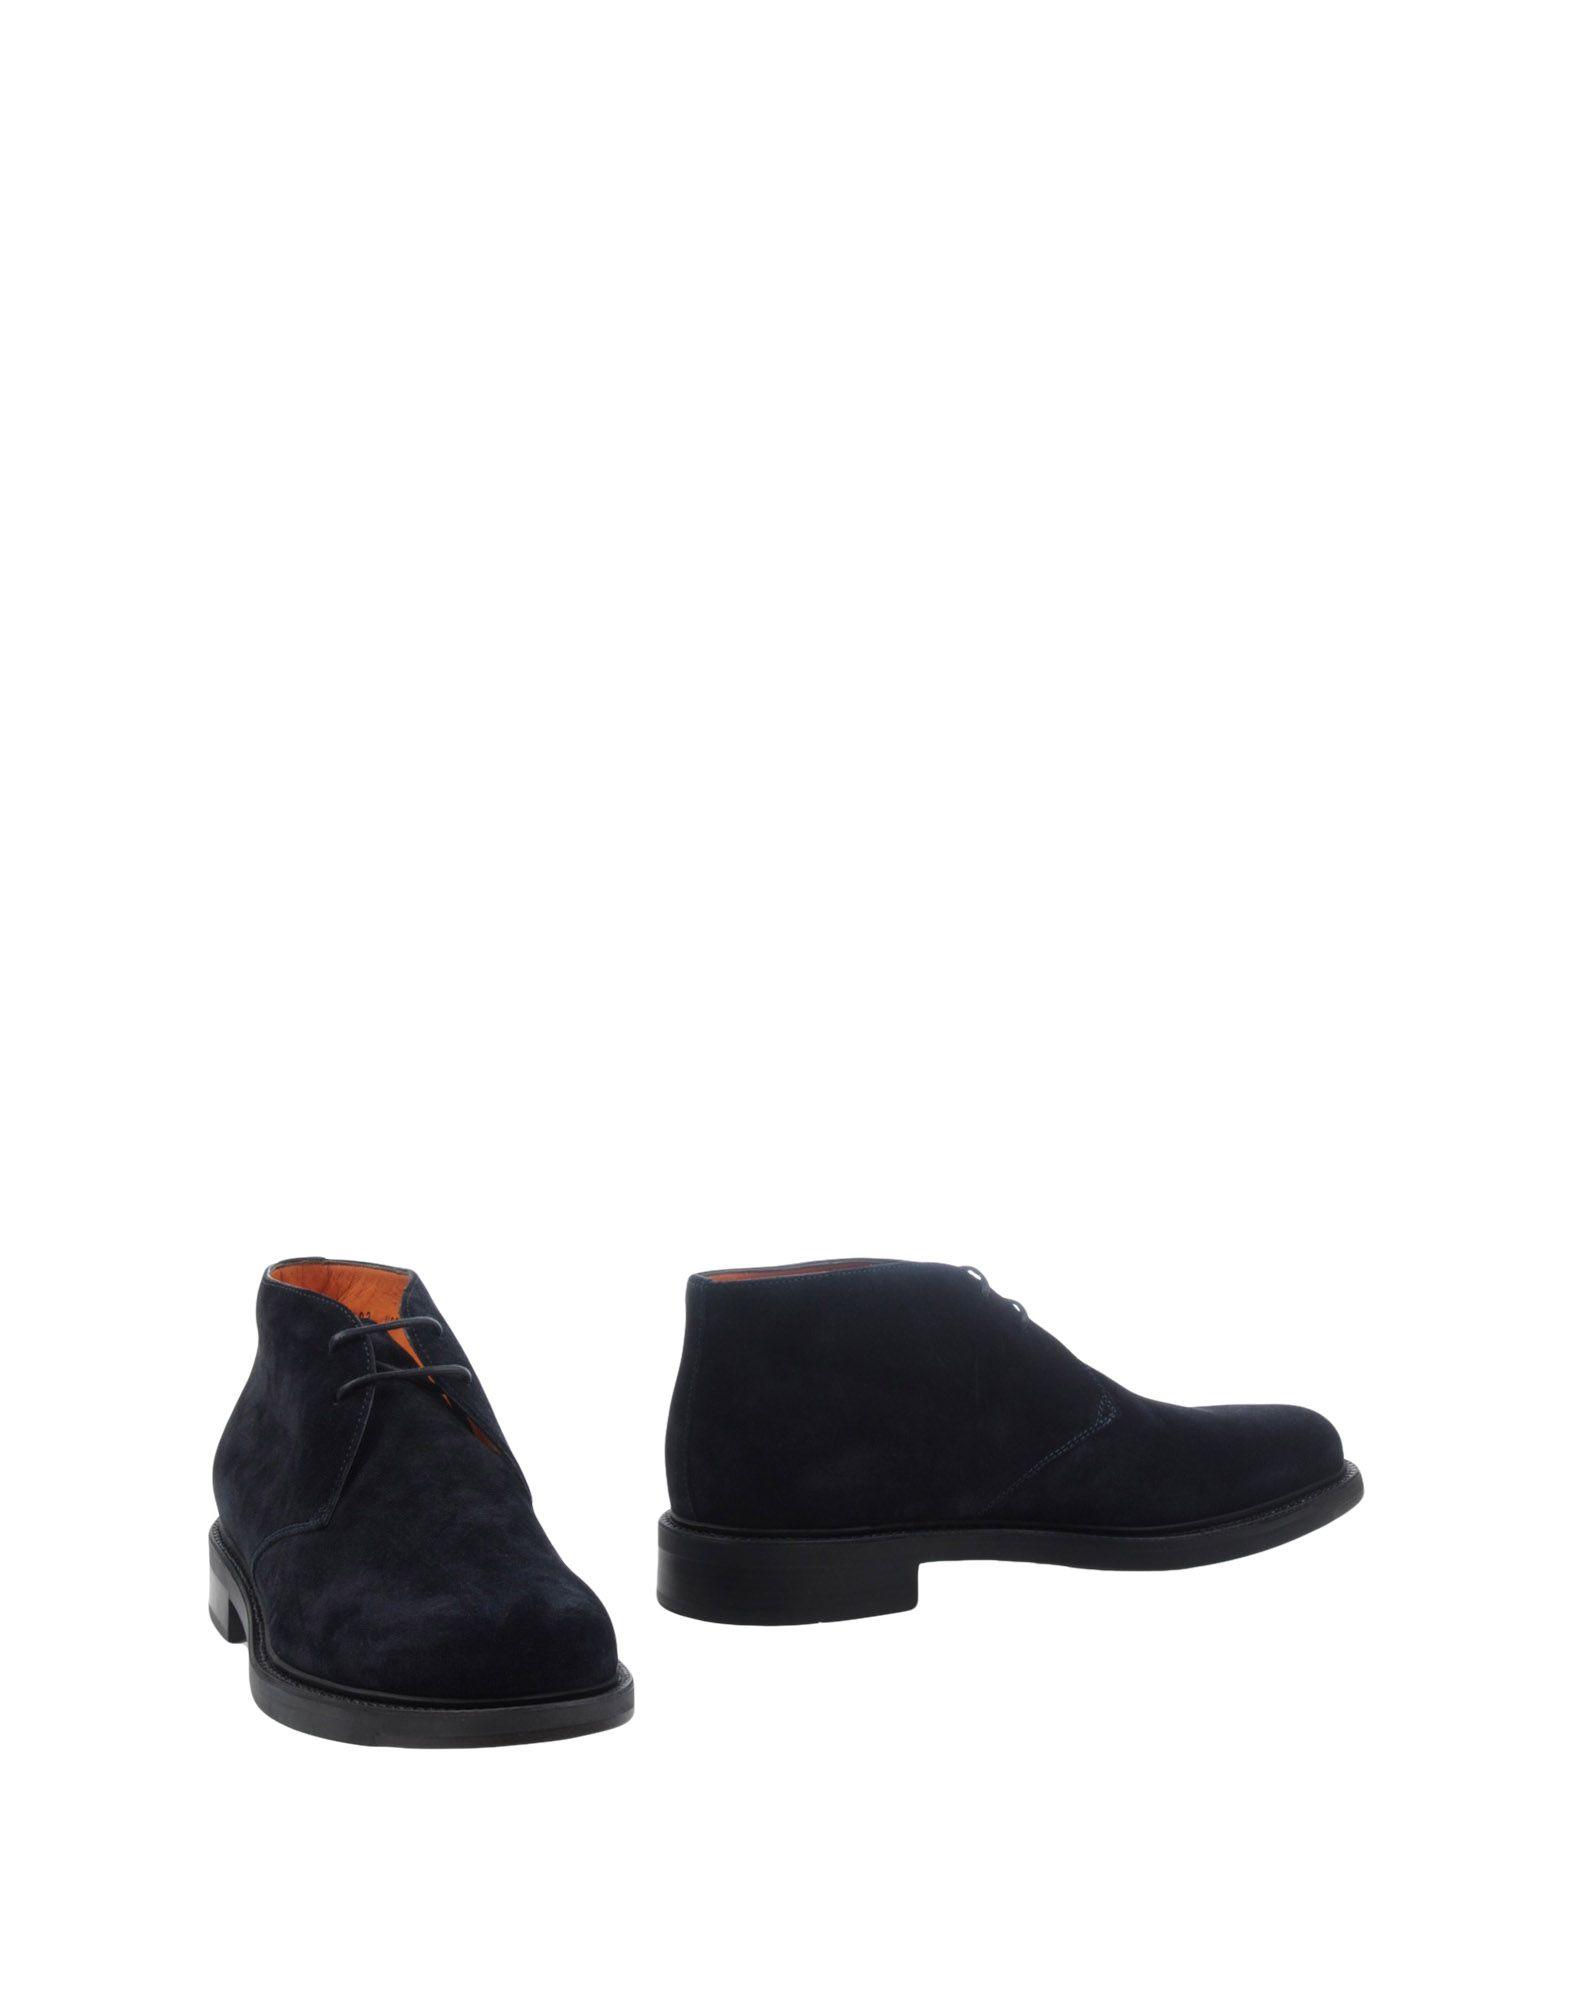 Santoni Stiefelette Herren  11268990MG Gute Qualität beliebte Schuhe